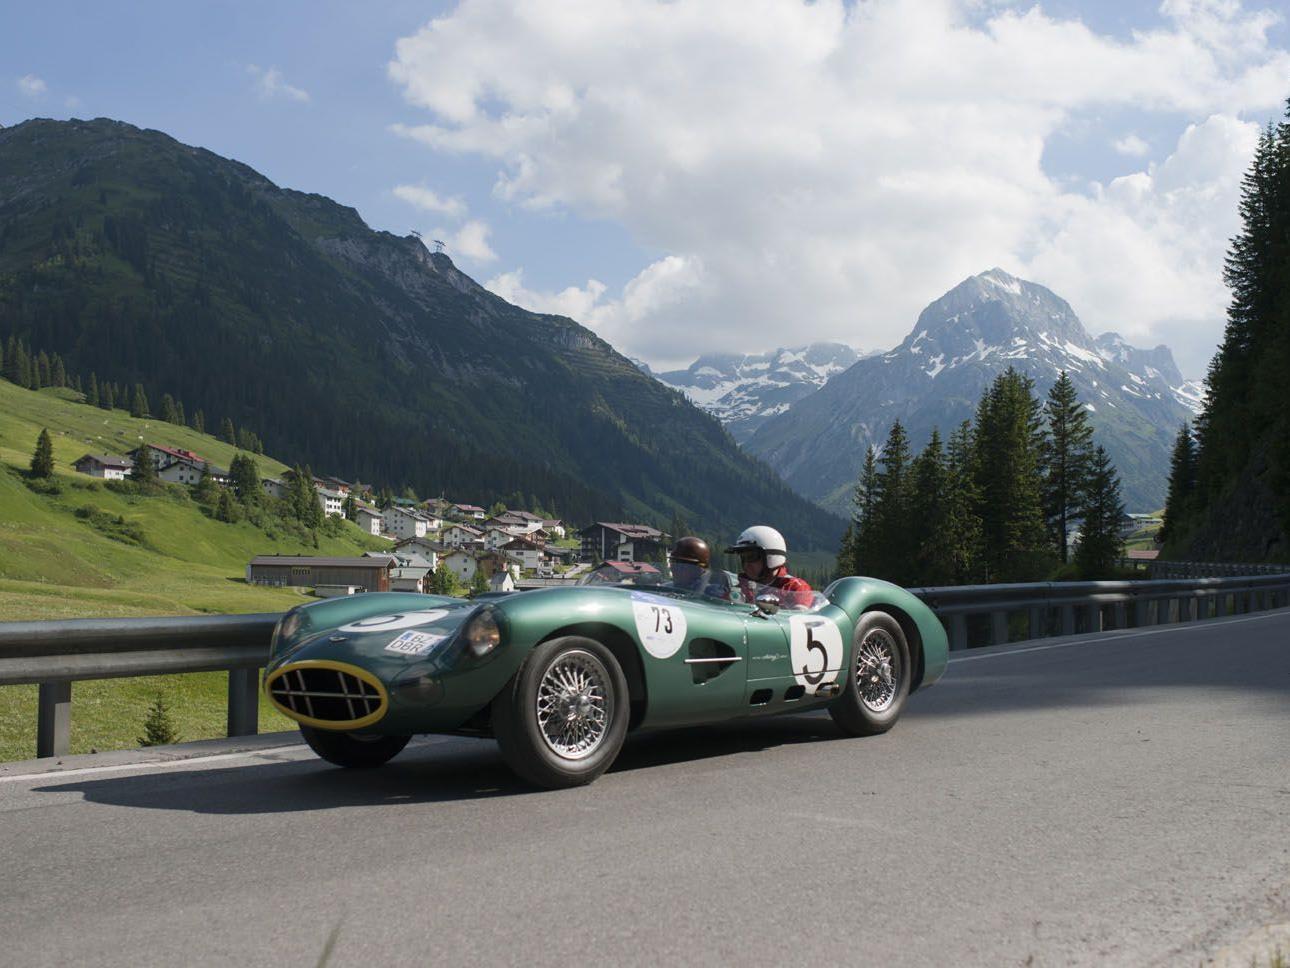 Gleichmäßigkeitsprüfung der Arlberg Classic Car Rally - Streckensperre notwendig.